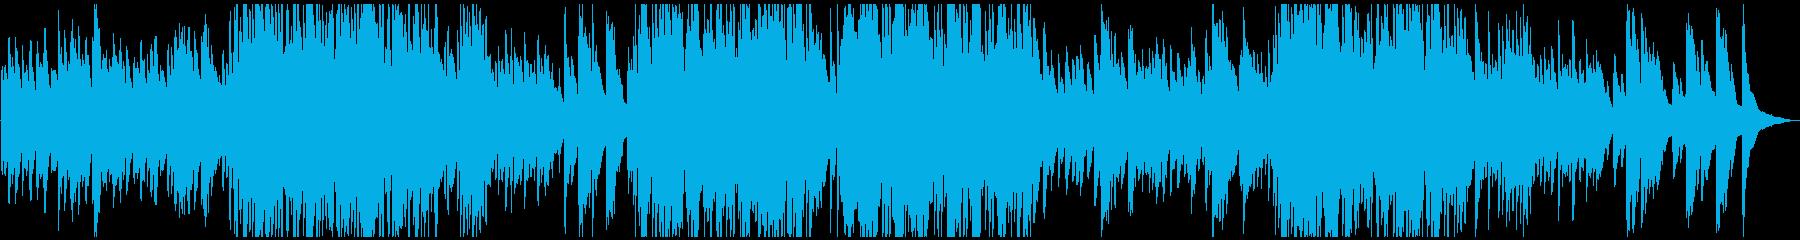 ピアノソロメロディアス。の再生済みの波形